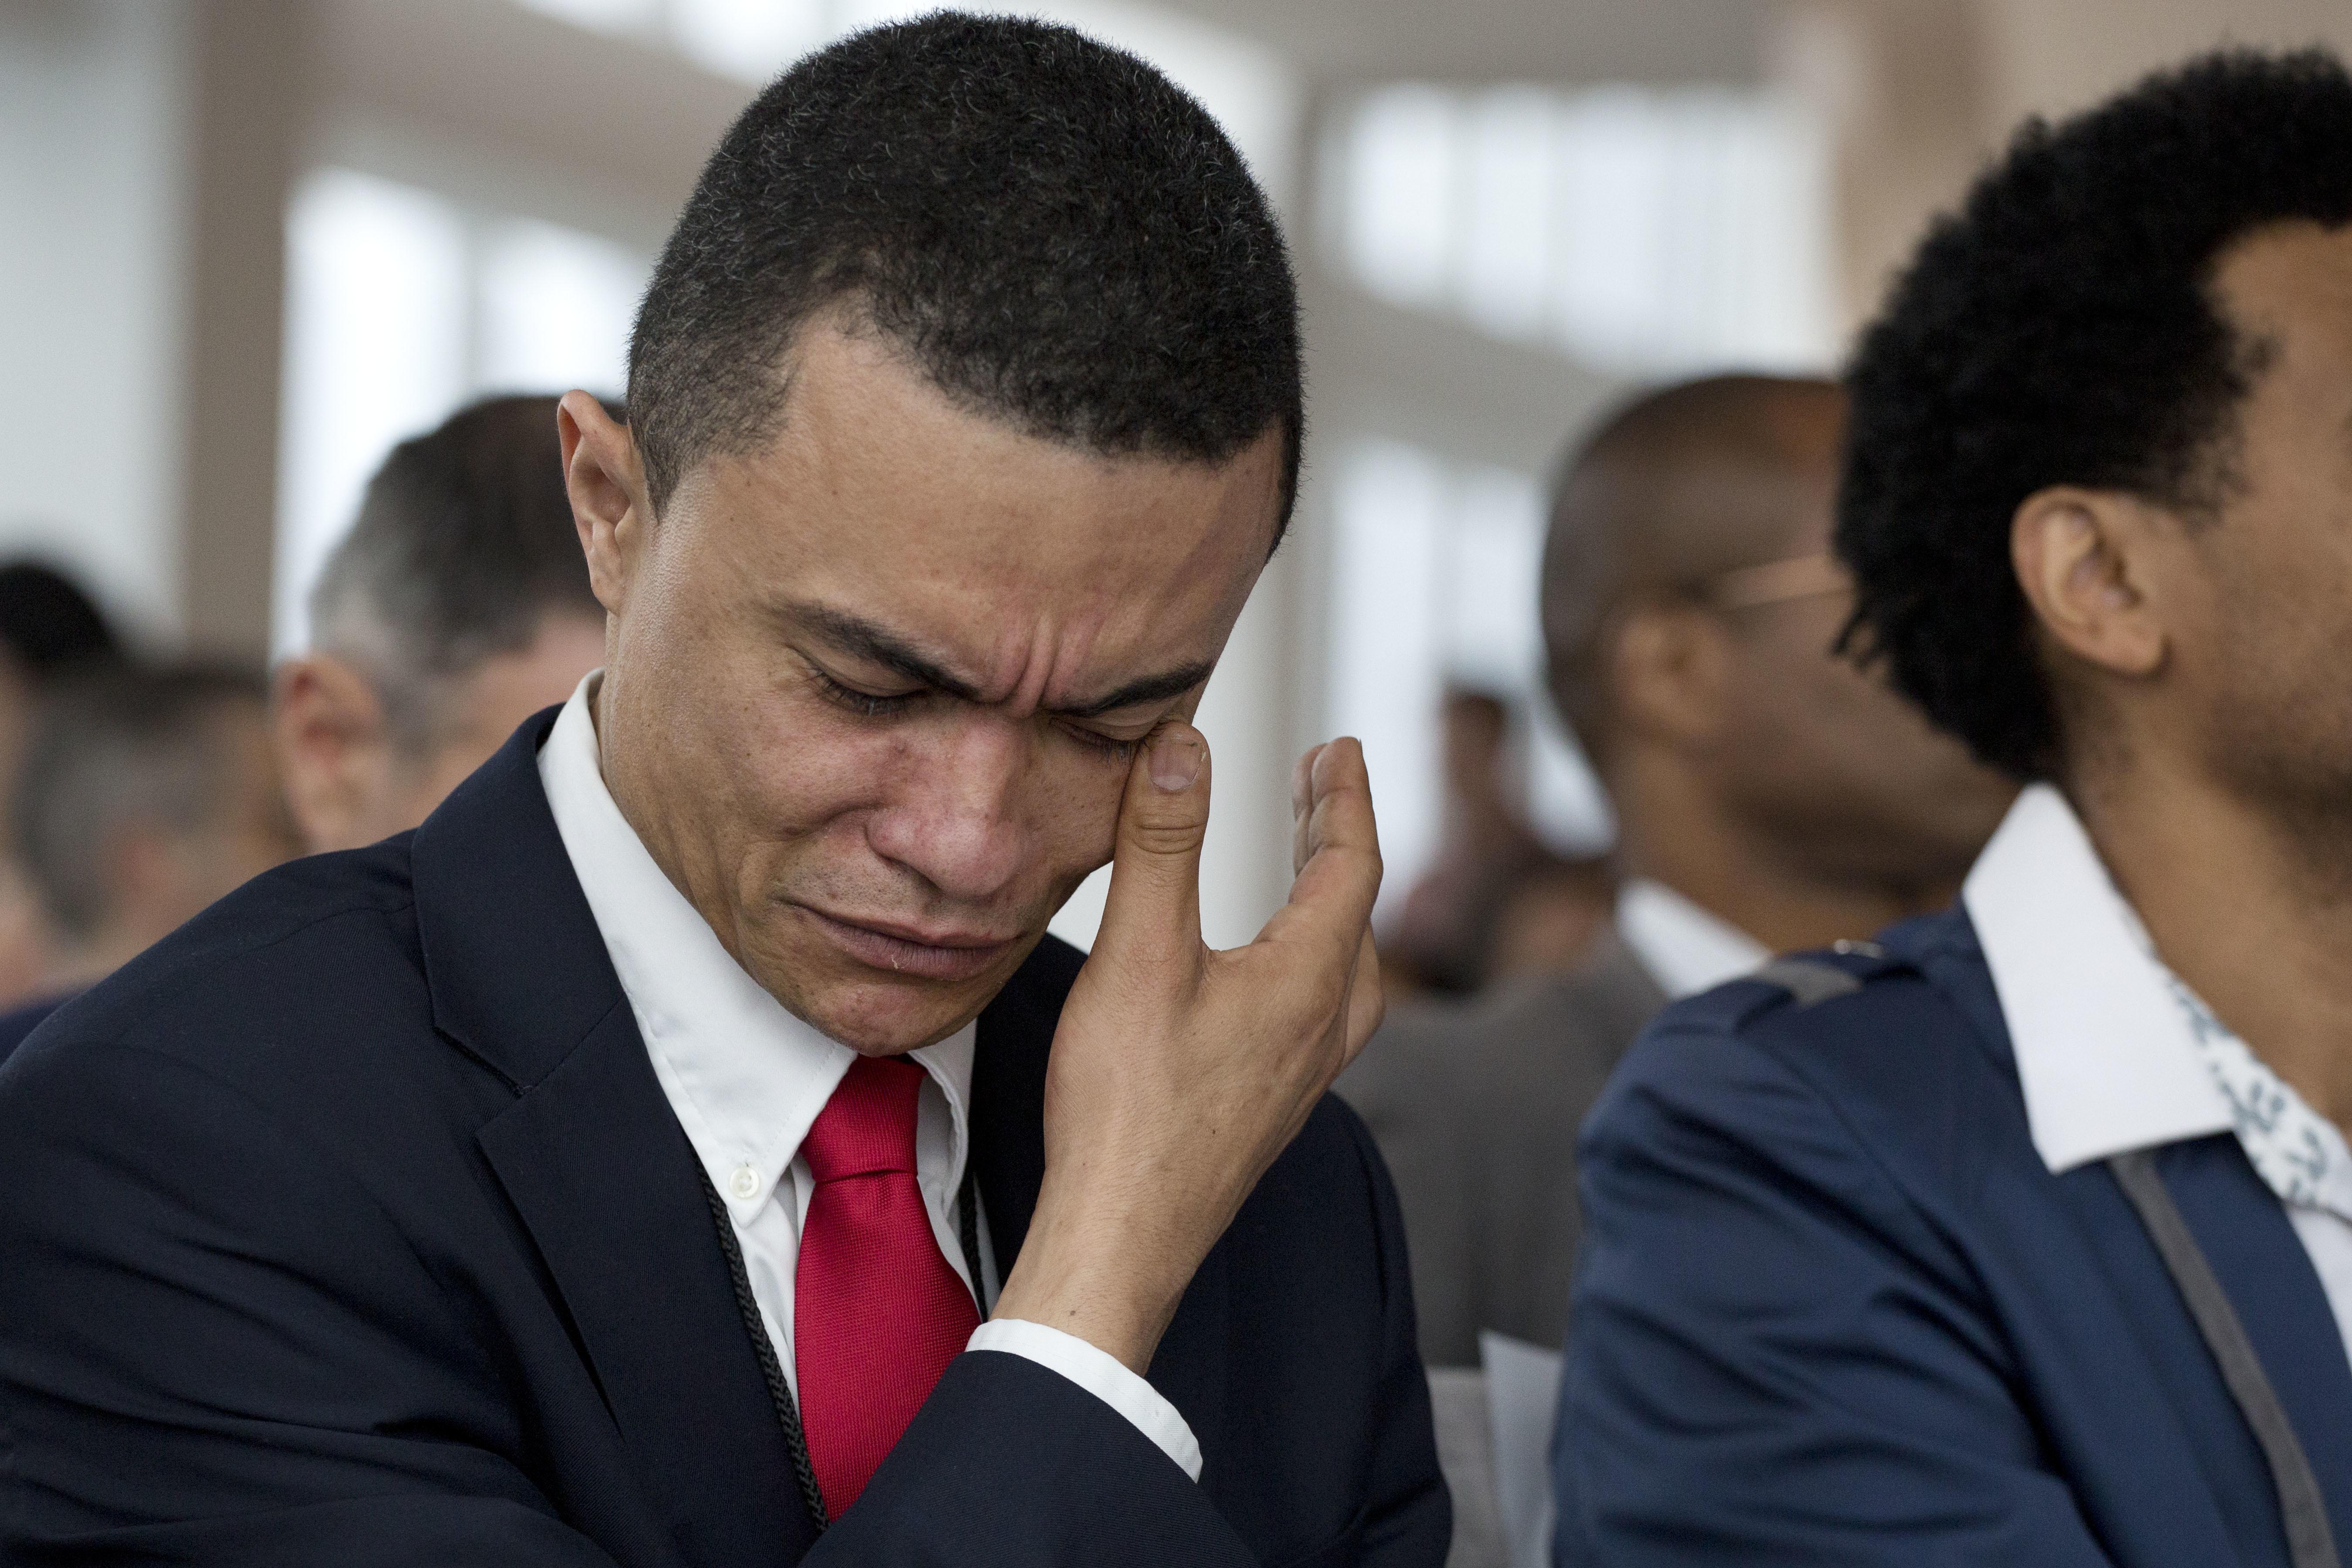 مواطن أميركي جديد يمسح دموع الفرح خلال مراسم في نيويورك